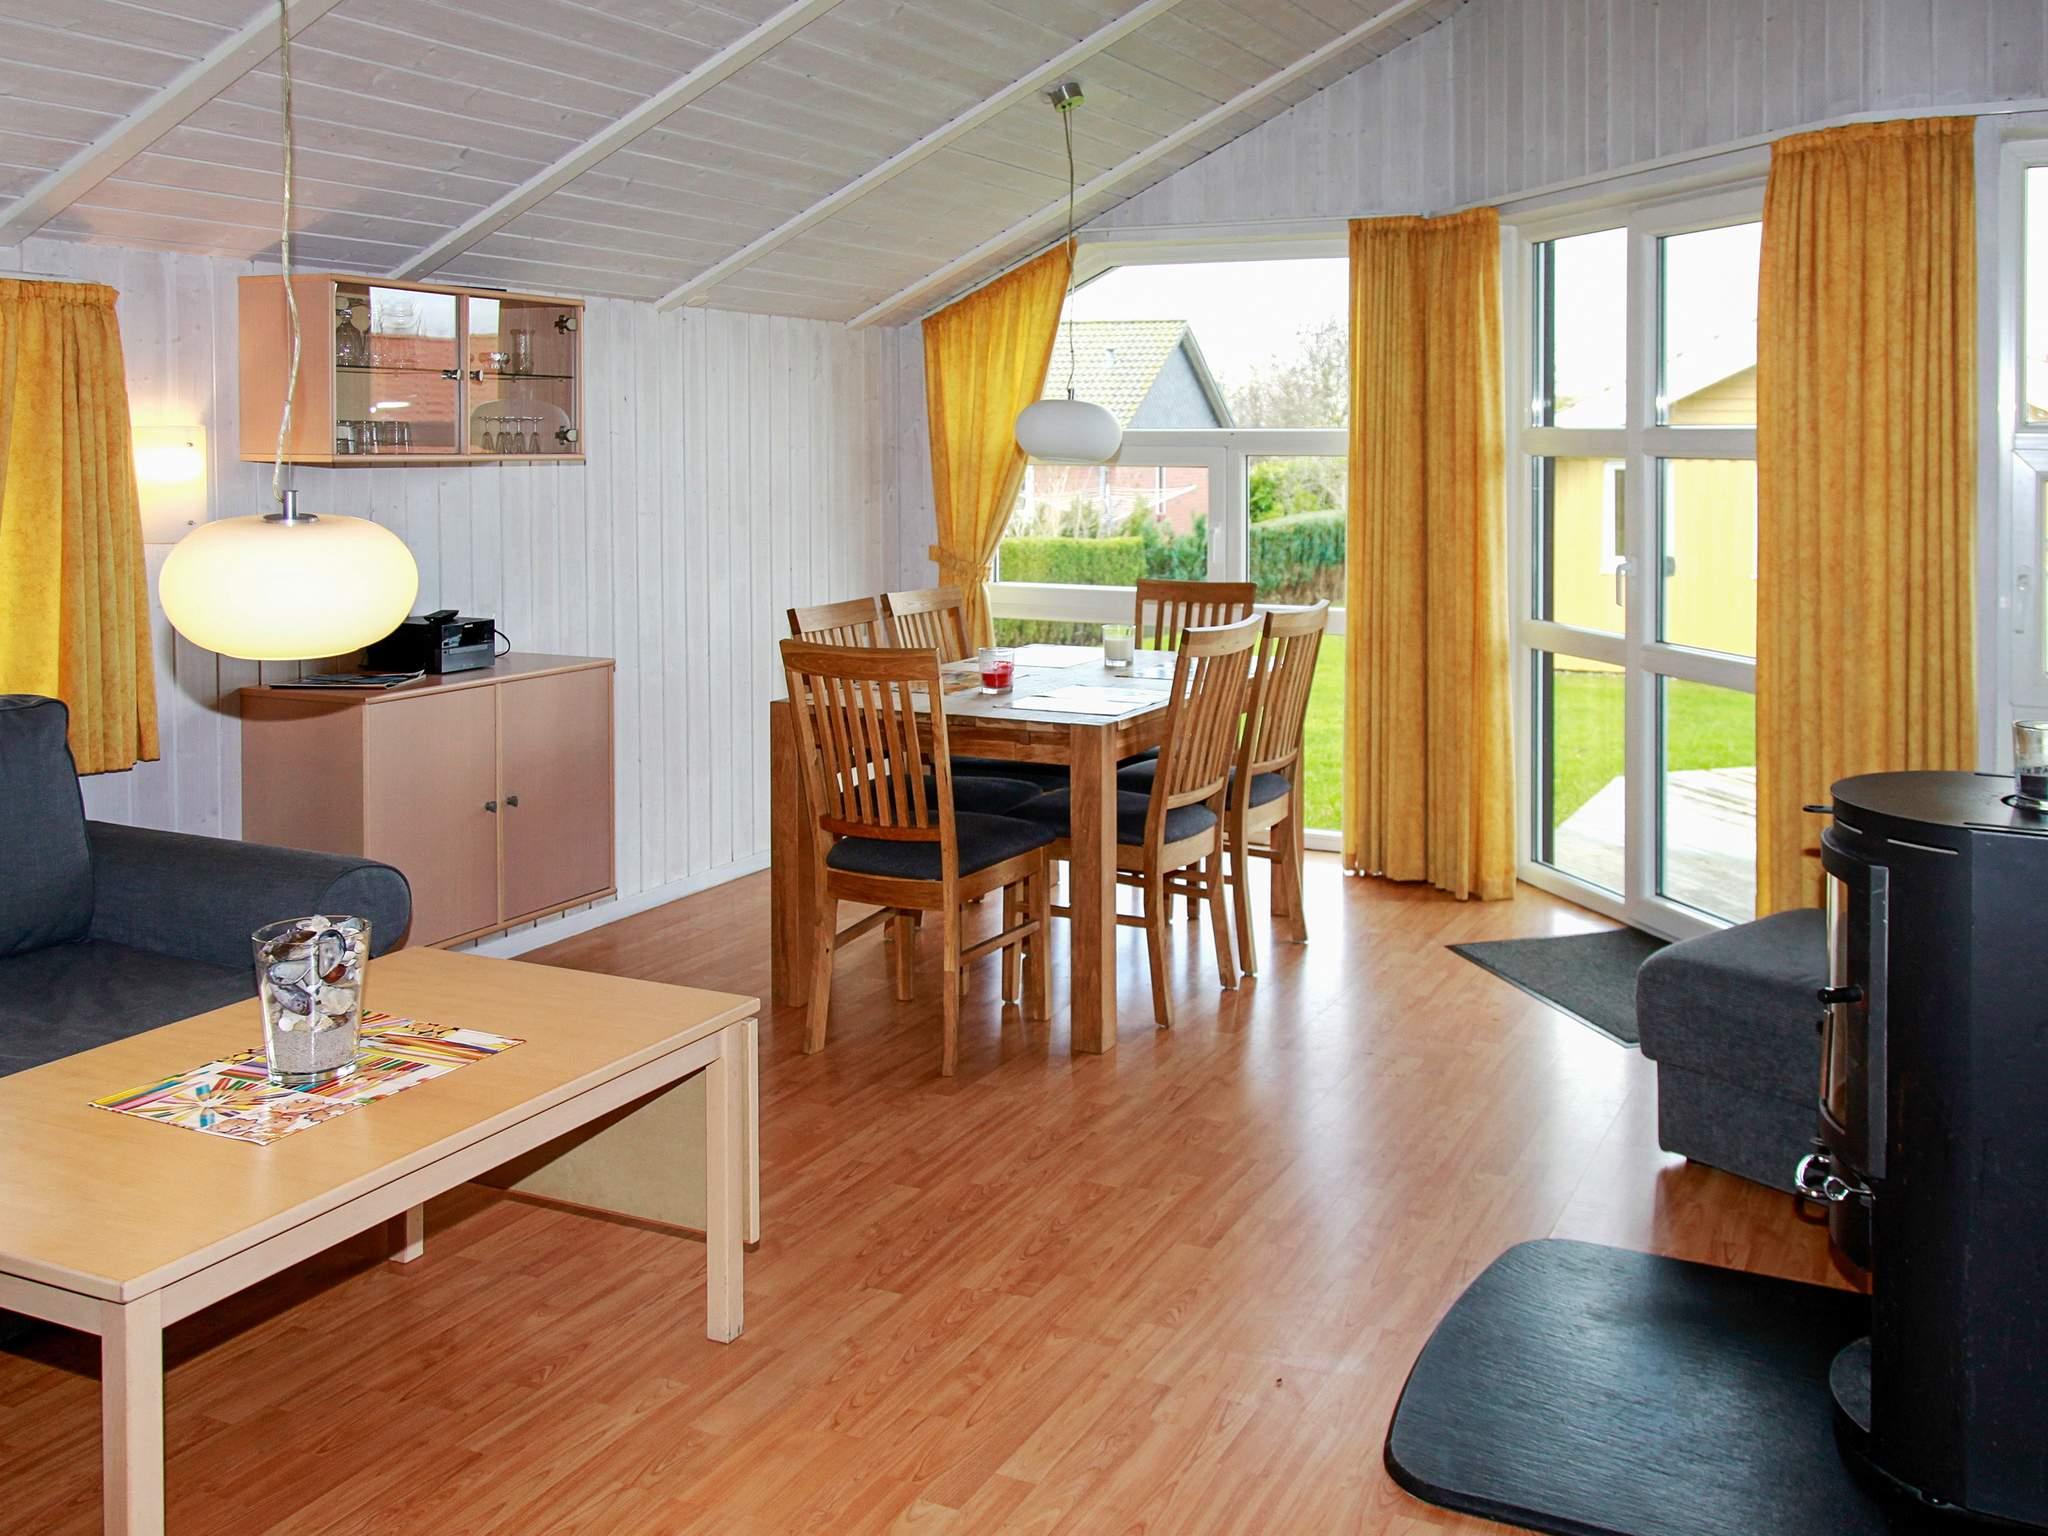 Ferienhaus Gelting (86215), Gelting, Geltinger Bucht, Schleswig-Holstein, Deutschland, Bild 2